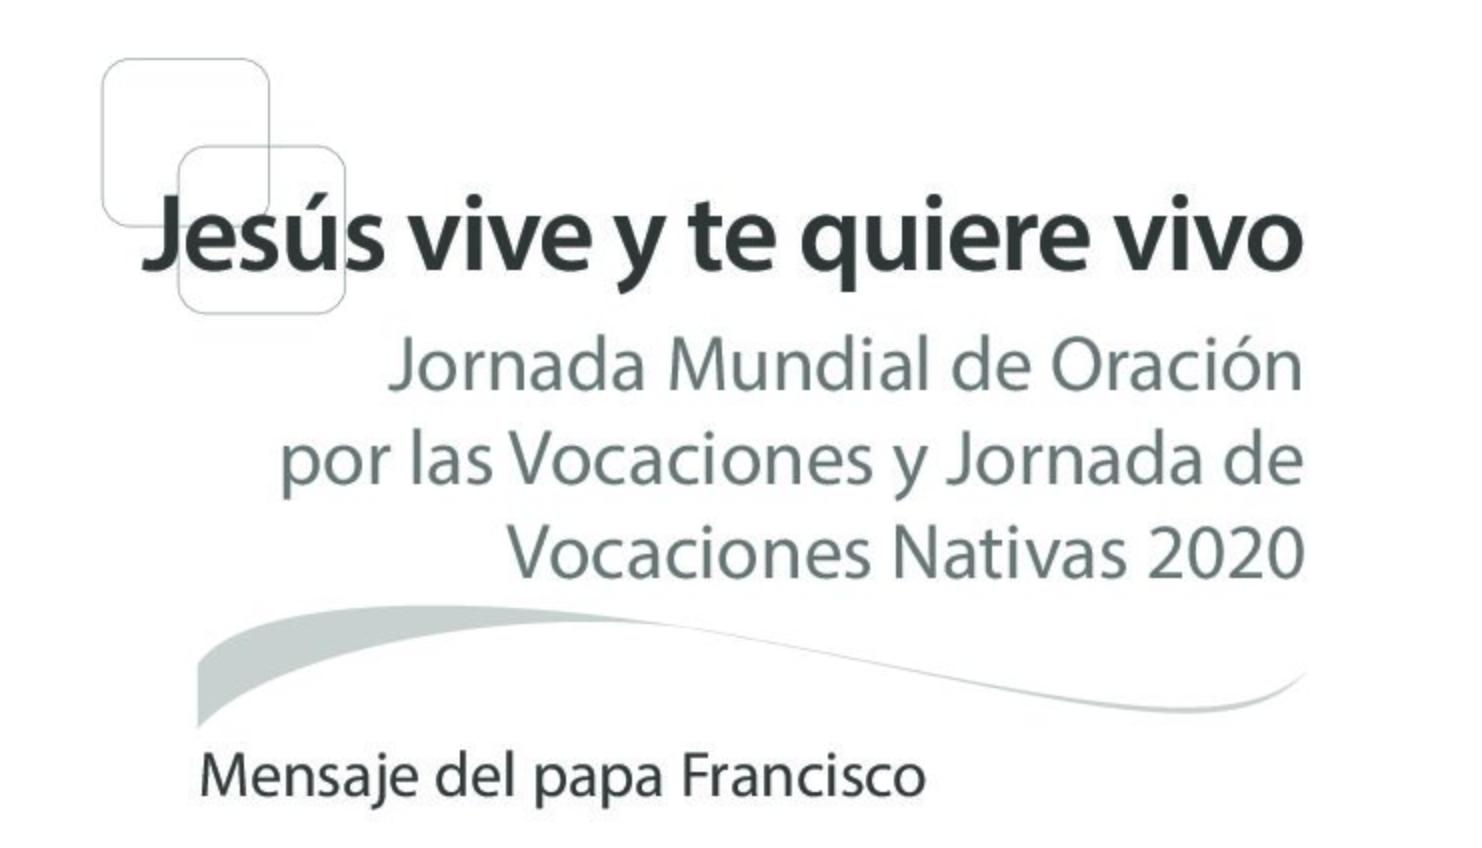 Jornada Mundial de Oración por las Vocaciones y Jornada de Vocaciones Nativas 2020. Mensaje del papa Francisco